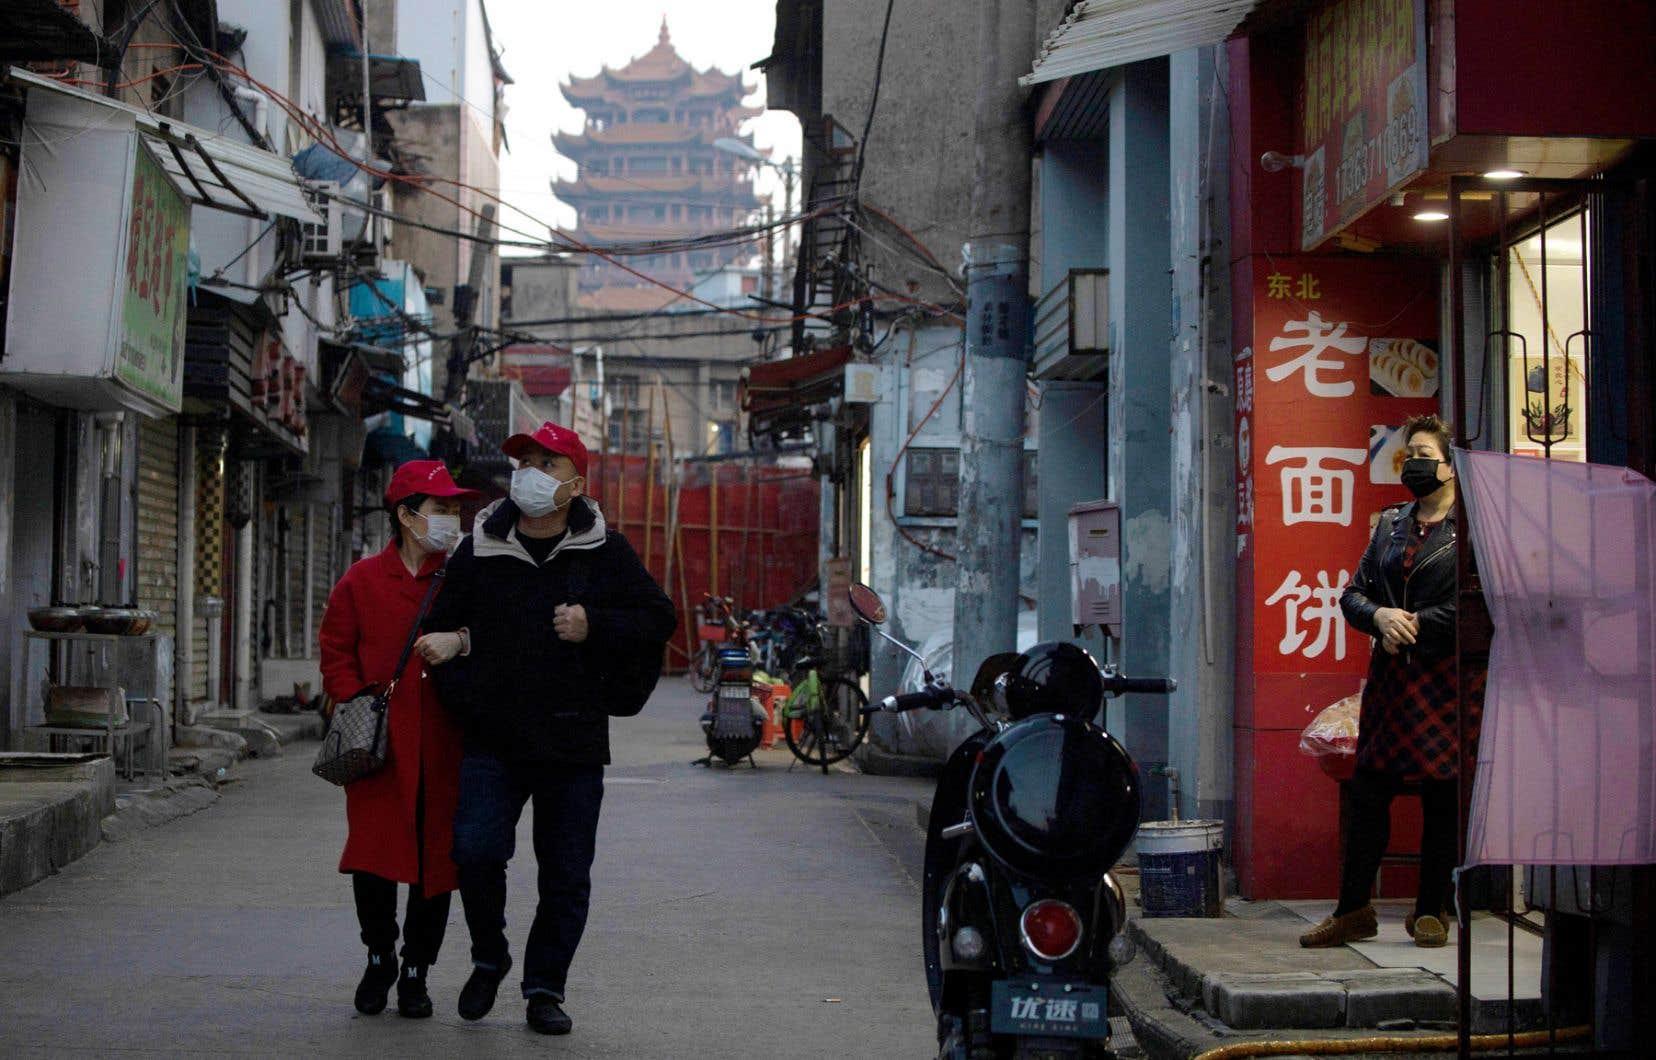 Aujourd'hui, alors qu'elle affirme ne plus compter aucune infection sur son territoire, la Chine «clame sa victoire contre le virus et contre le monde, devant un Occident qui se désagrège», dit Alexandre Labruffe. «L'atmosphère est plus détendue à Wuhan que quand je suis parti en janvier», dit-il.